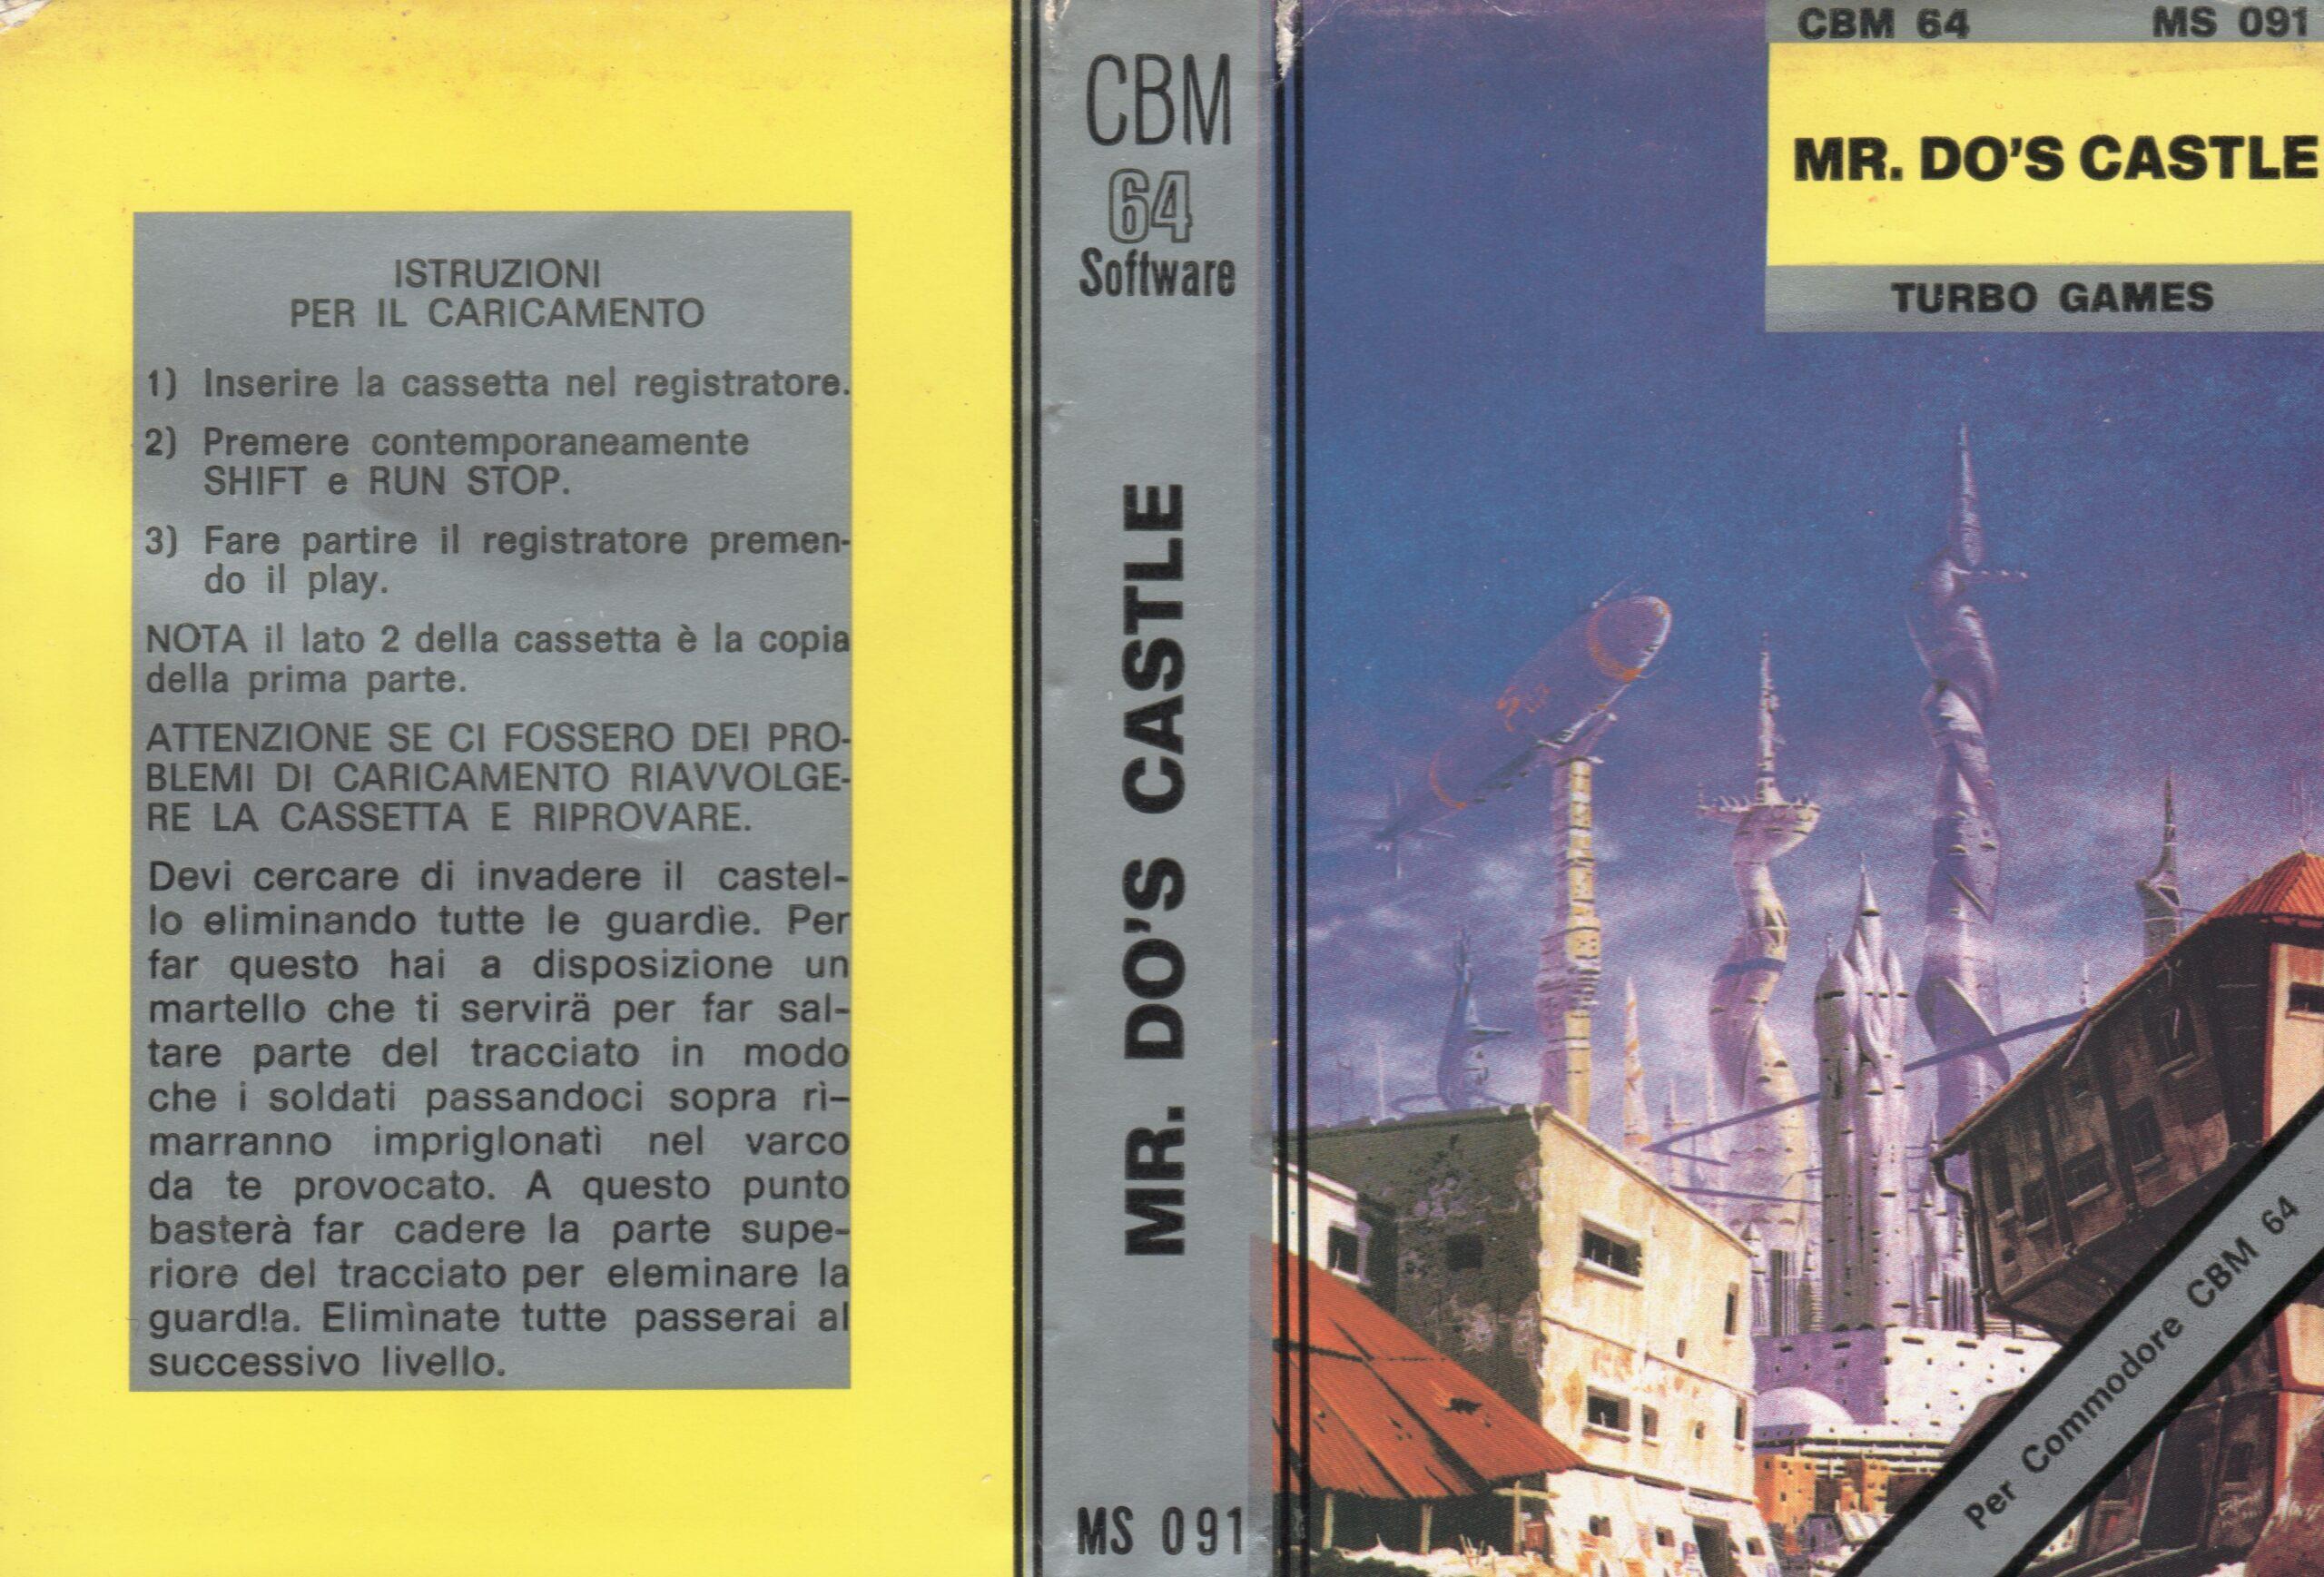 MR.DO'S CASTLE MS 091